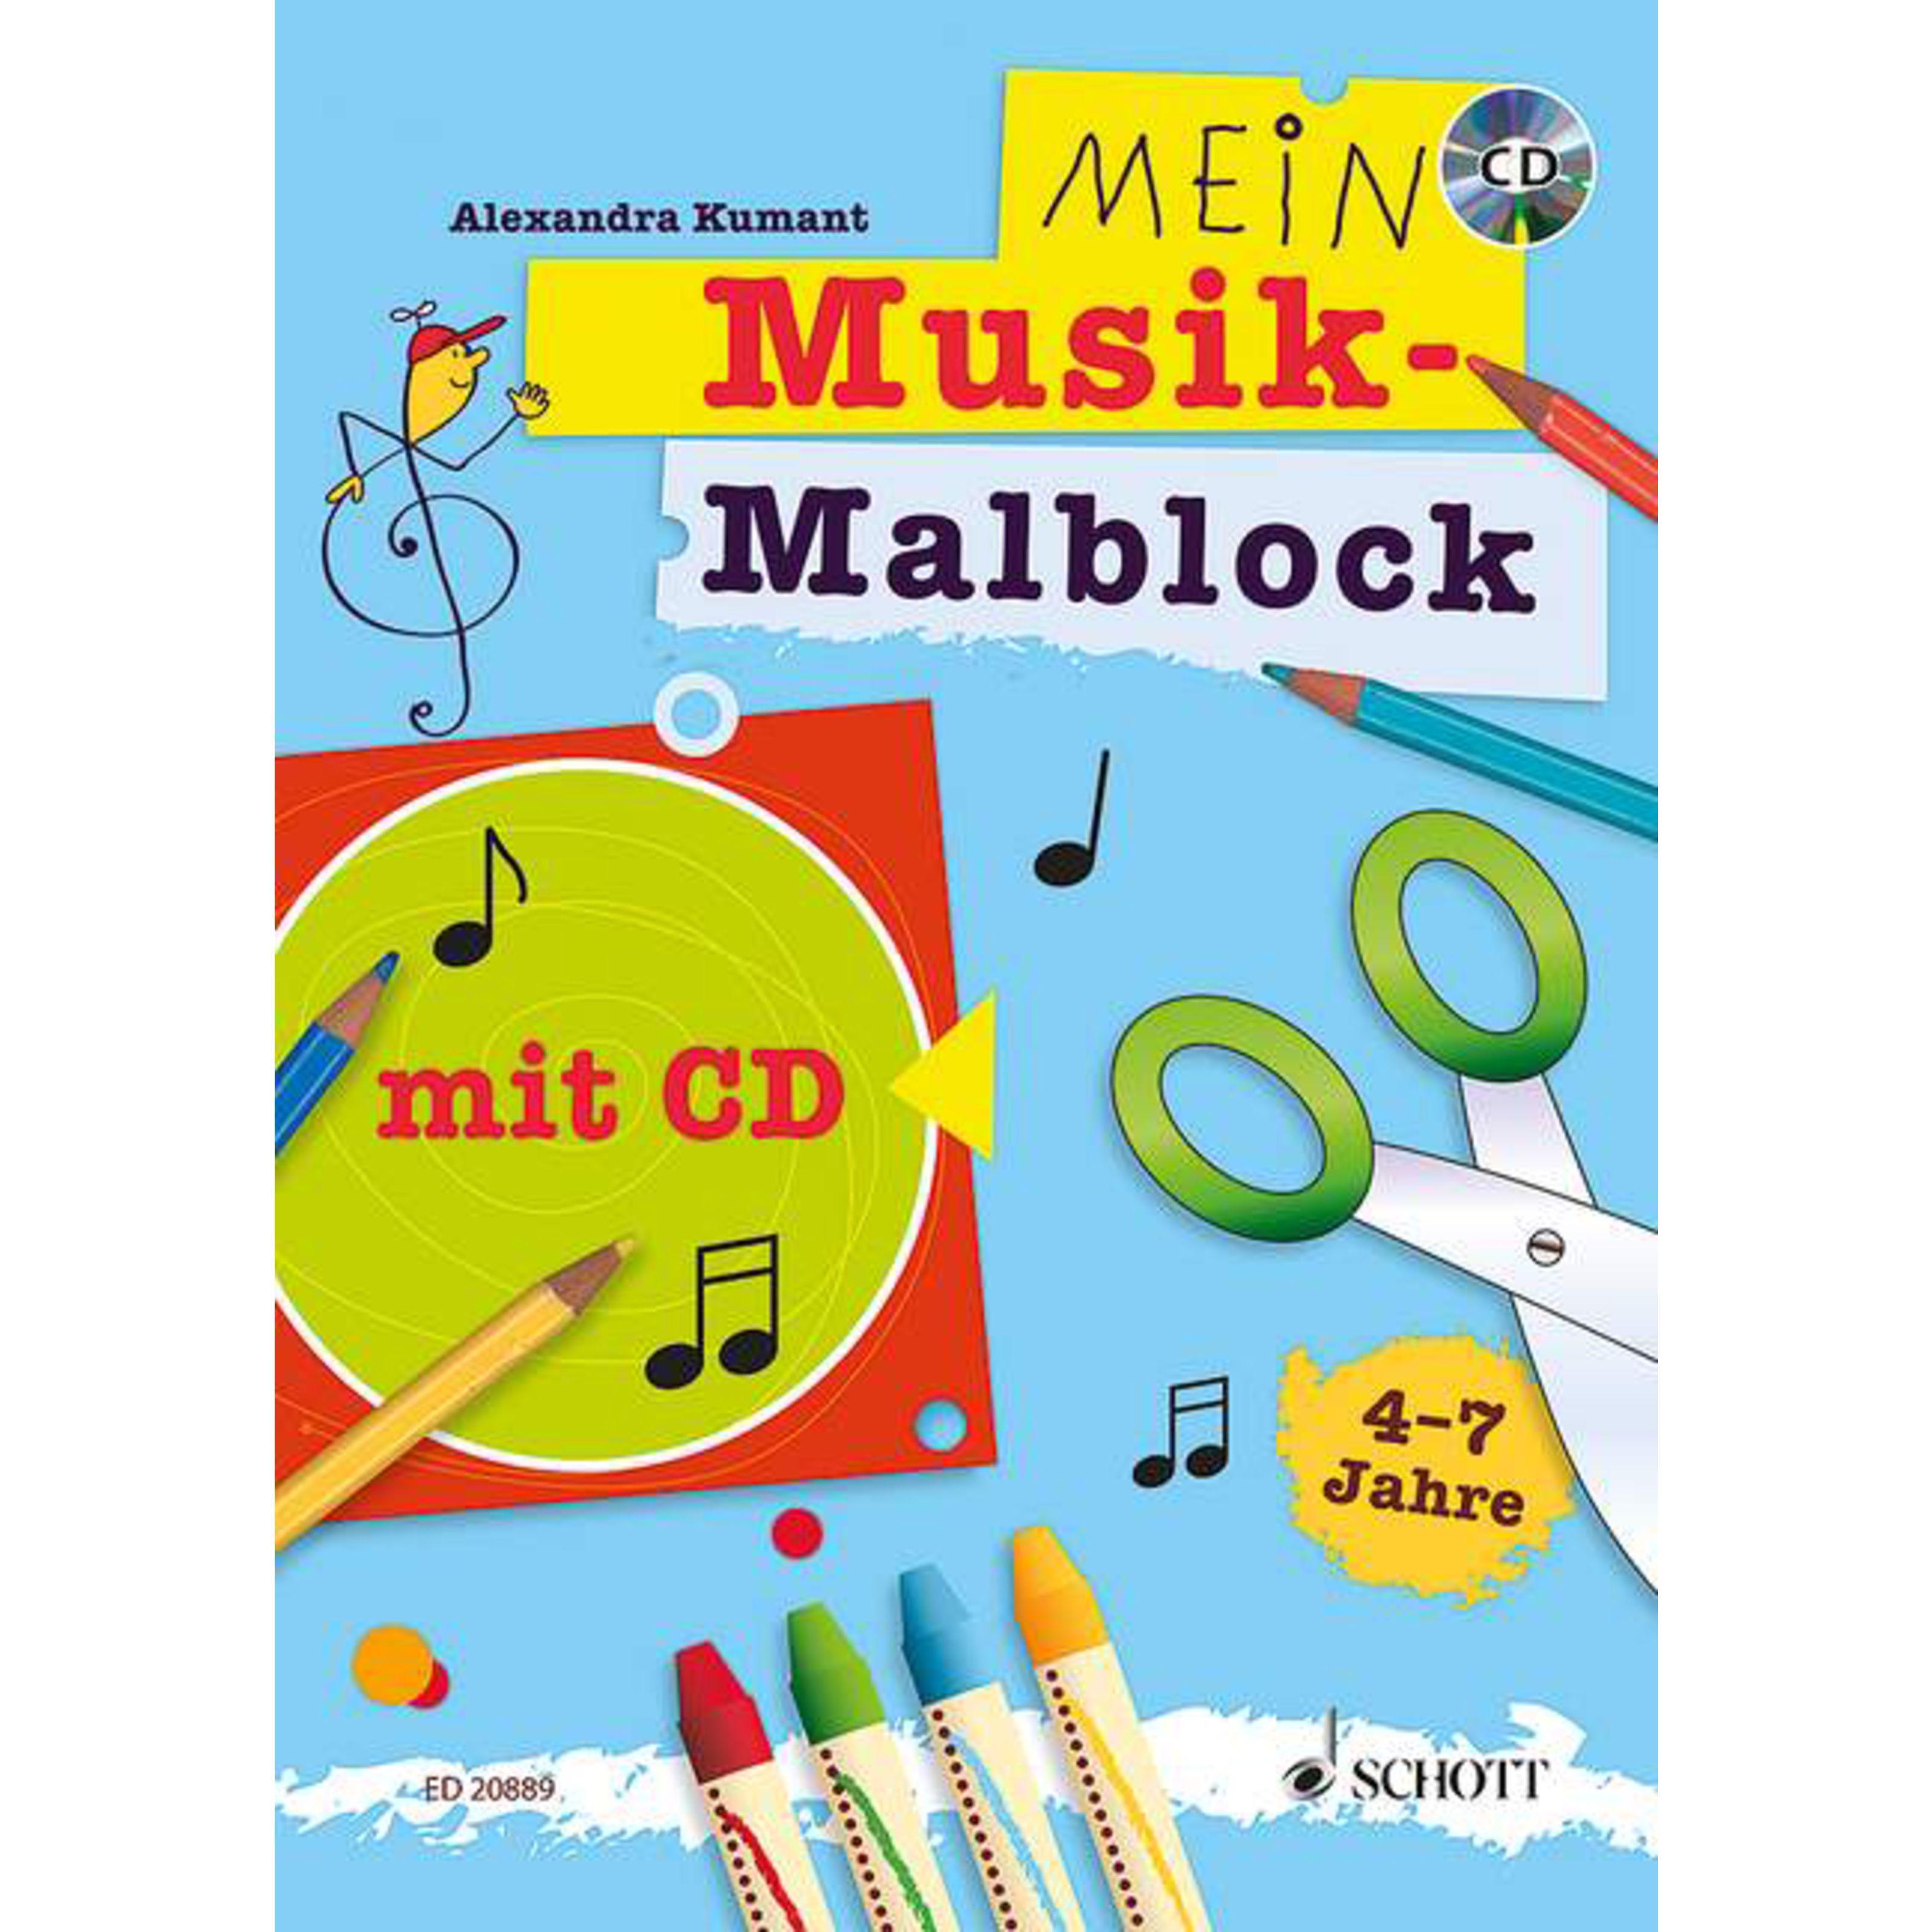 Schott Music - Mein Musik-Malblock mit CD, 4-7 Jahre ED 20889